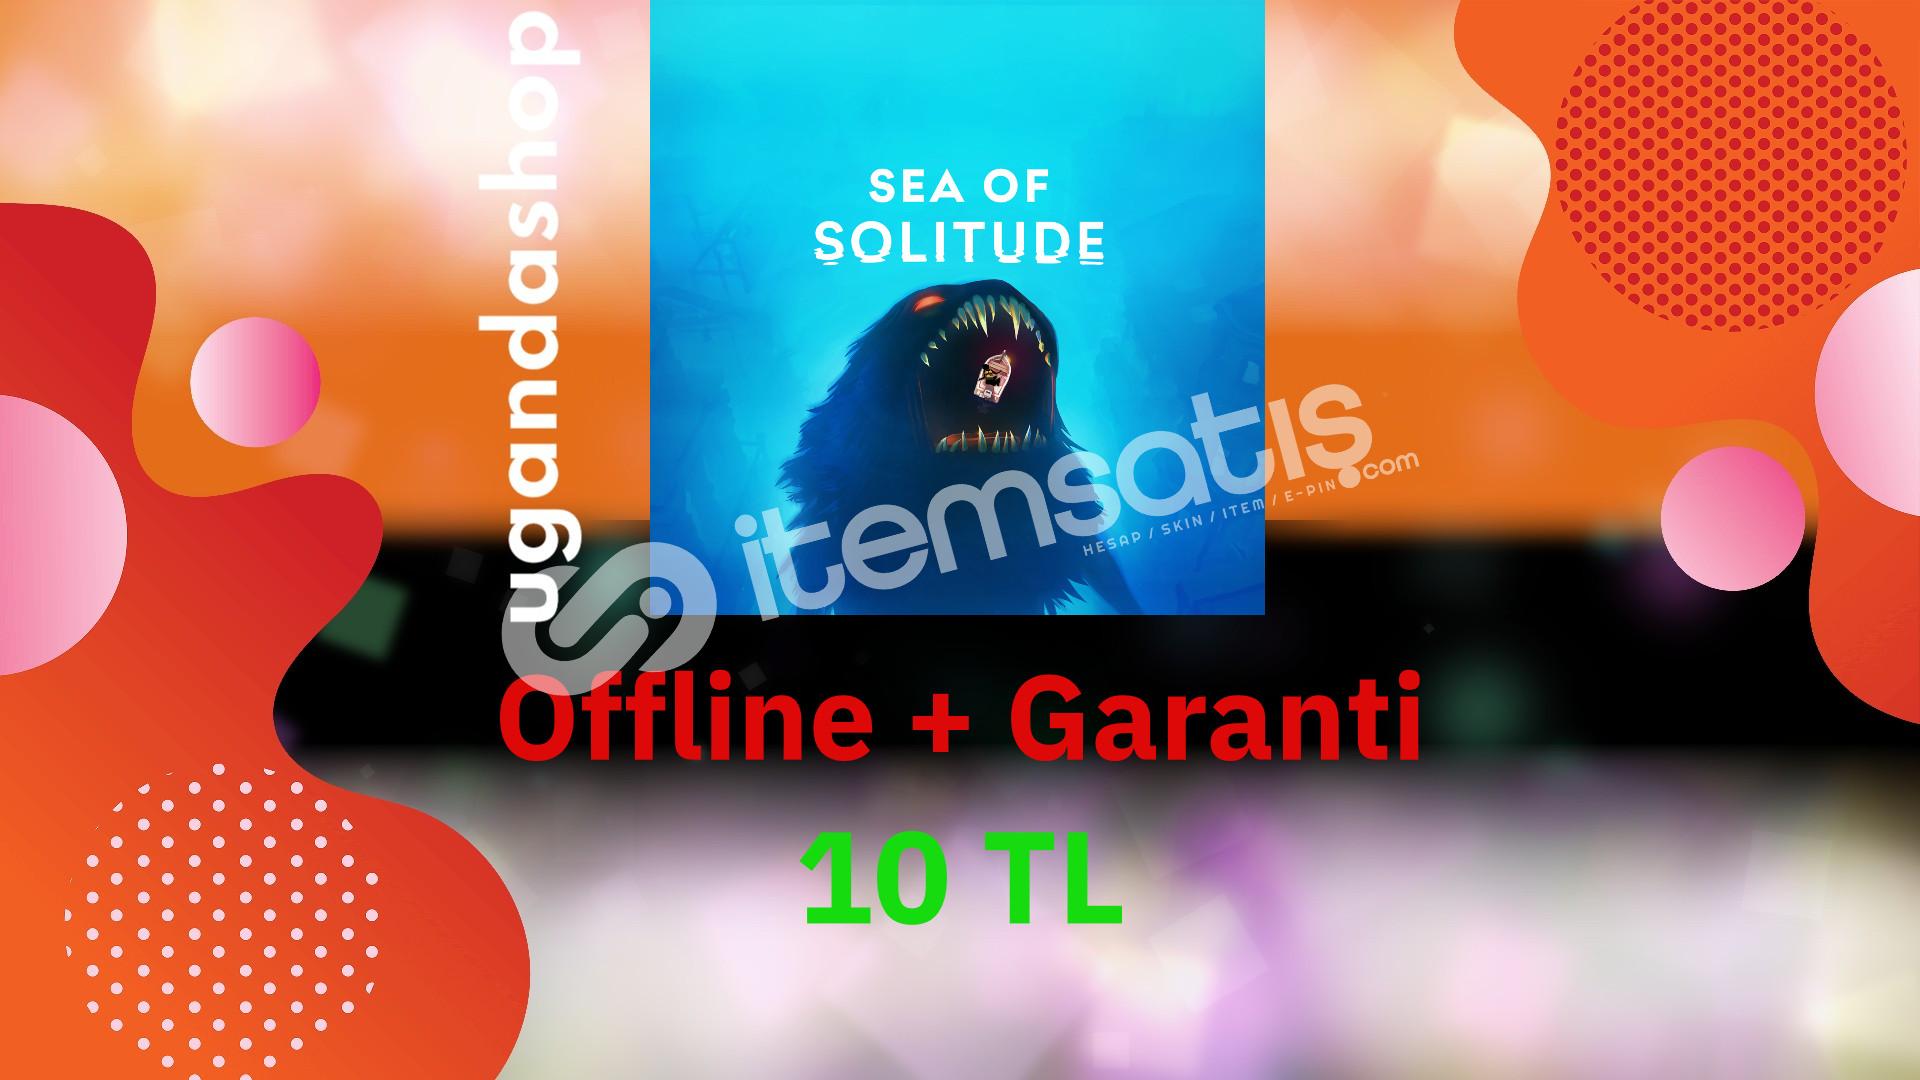 Sea of Solitude Offline Origin Hesap + Garanti